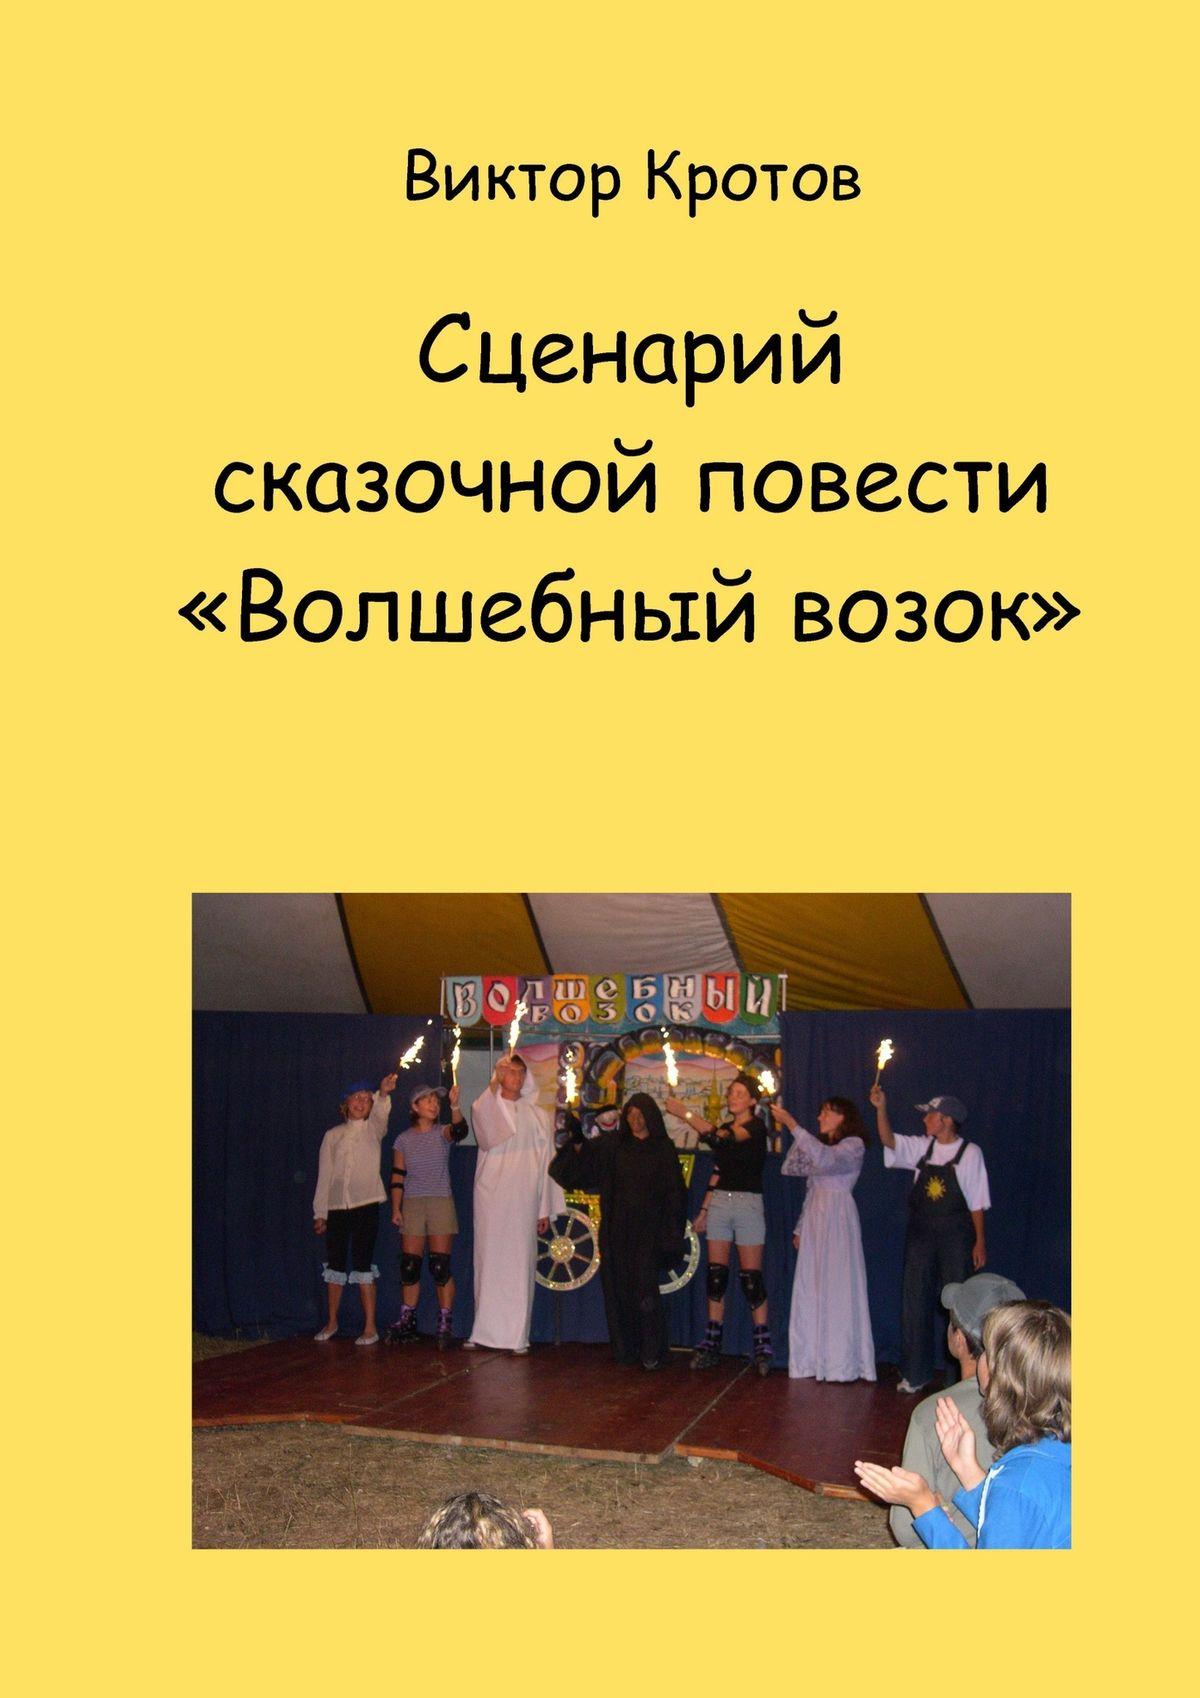 Виктор Кротов Сценарий сказочной повести «Волшебный возок»